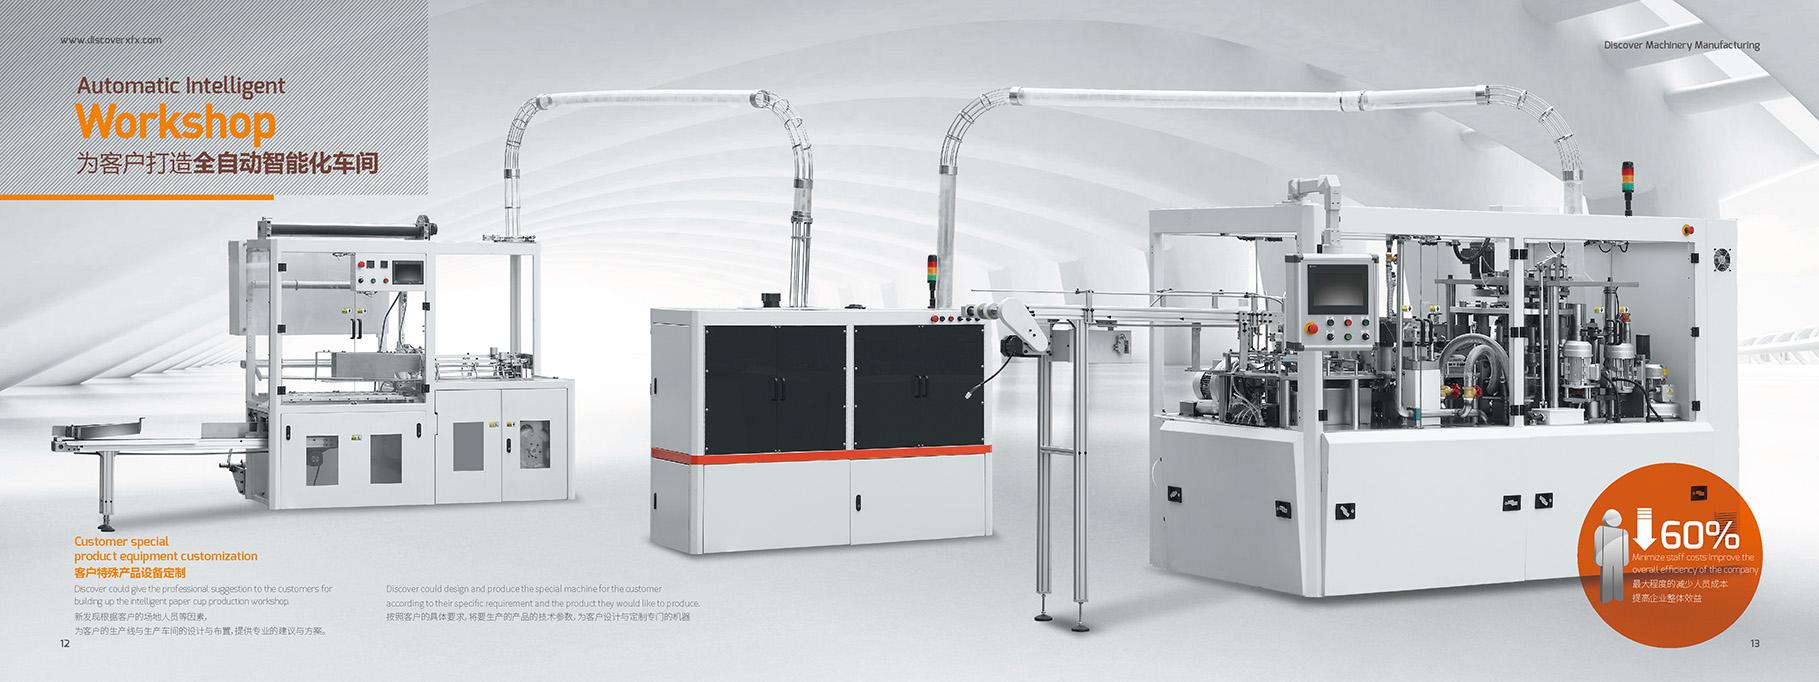 Zhejiang Discover Machinery Manufacturing Co ,Ltd  – Auto